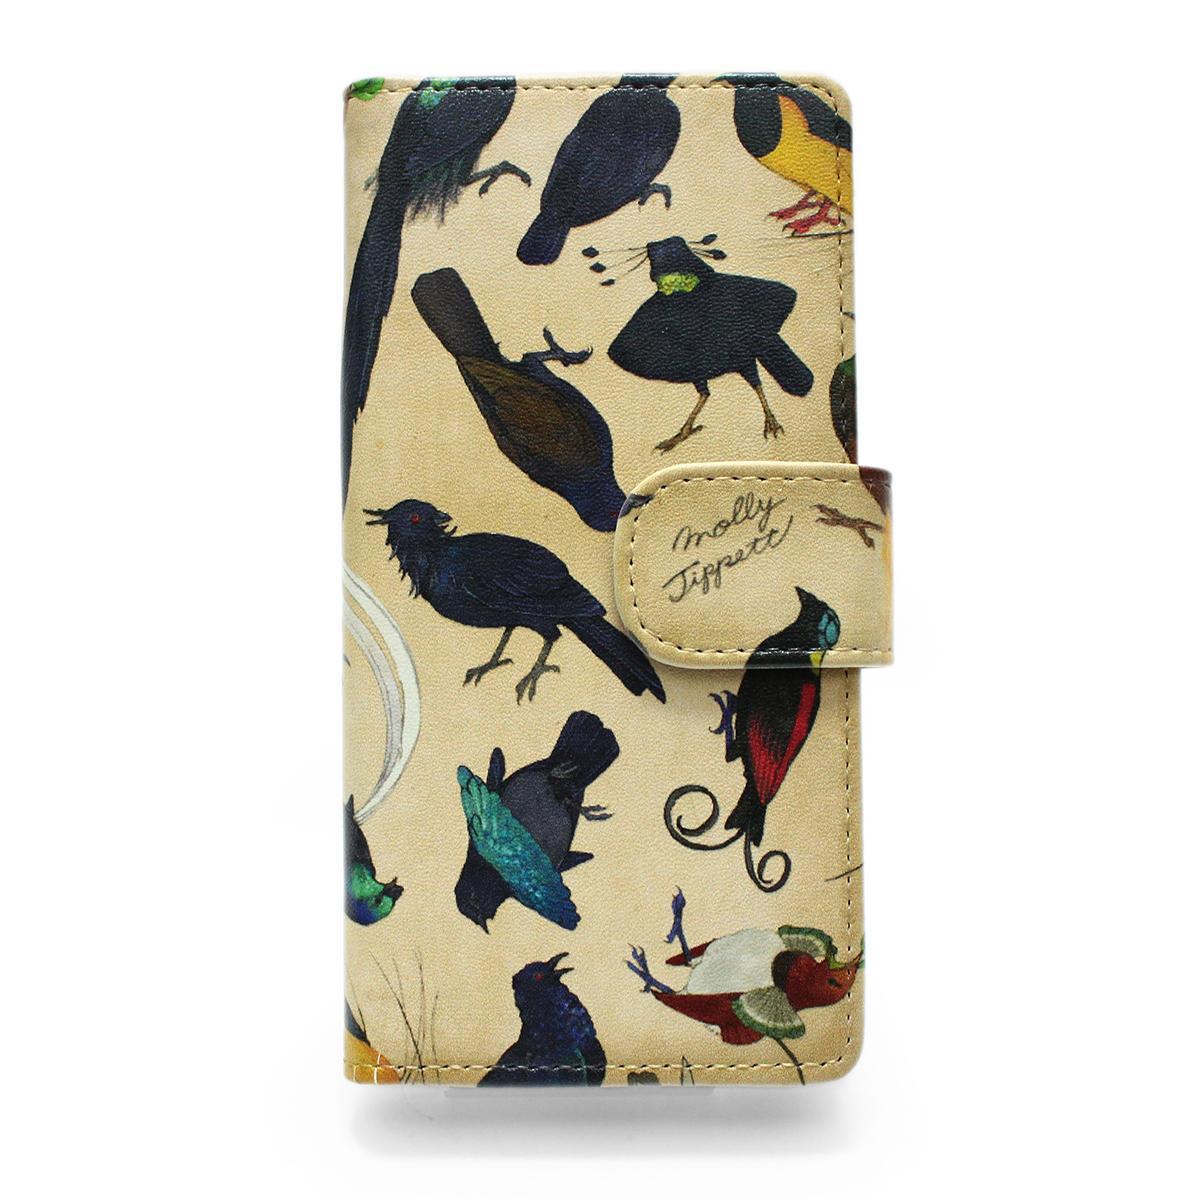 【セール】フウチョウ科の鳥類 /【MollyTippett】 スマートフォンケース(iPhone8/7/6s/6兼用)